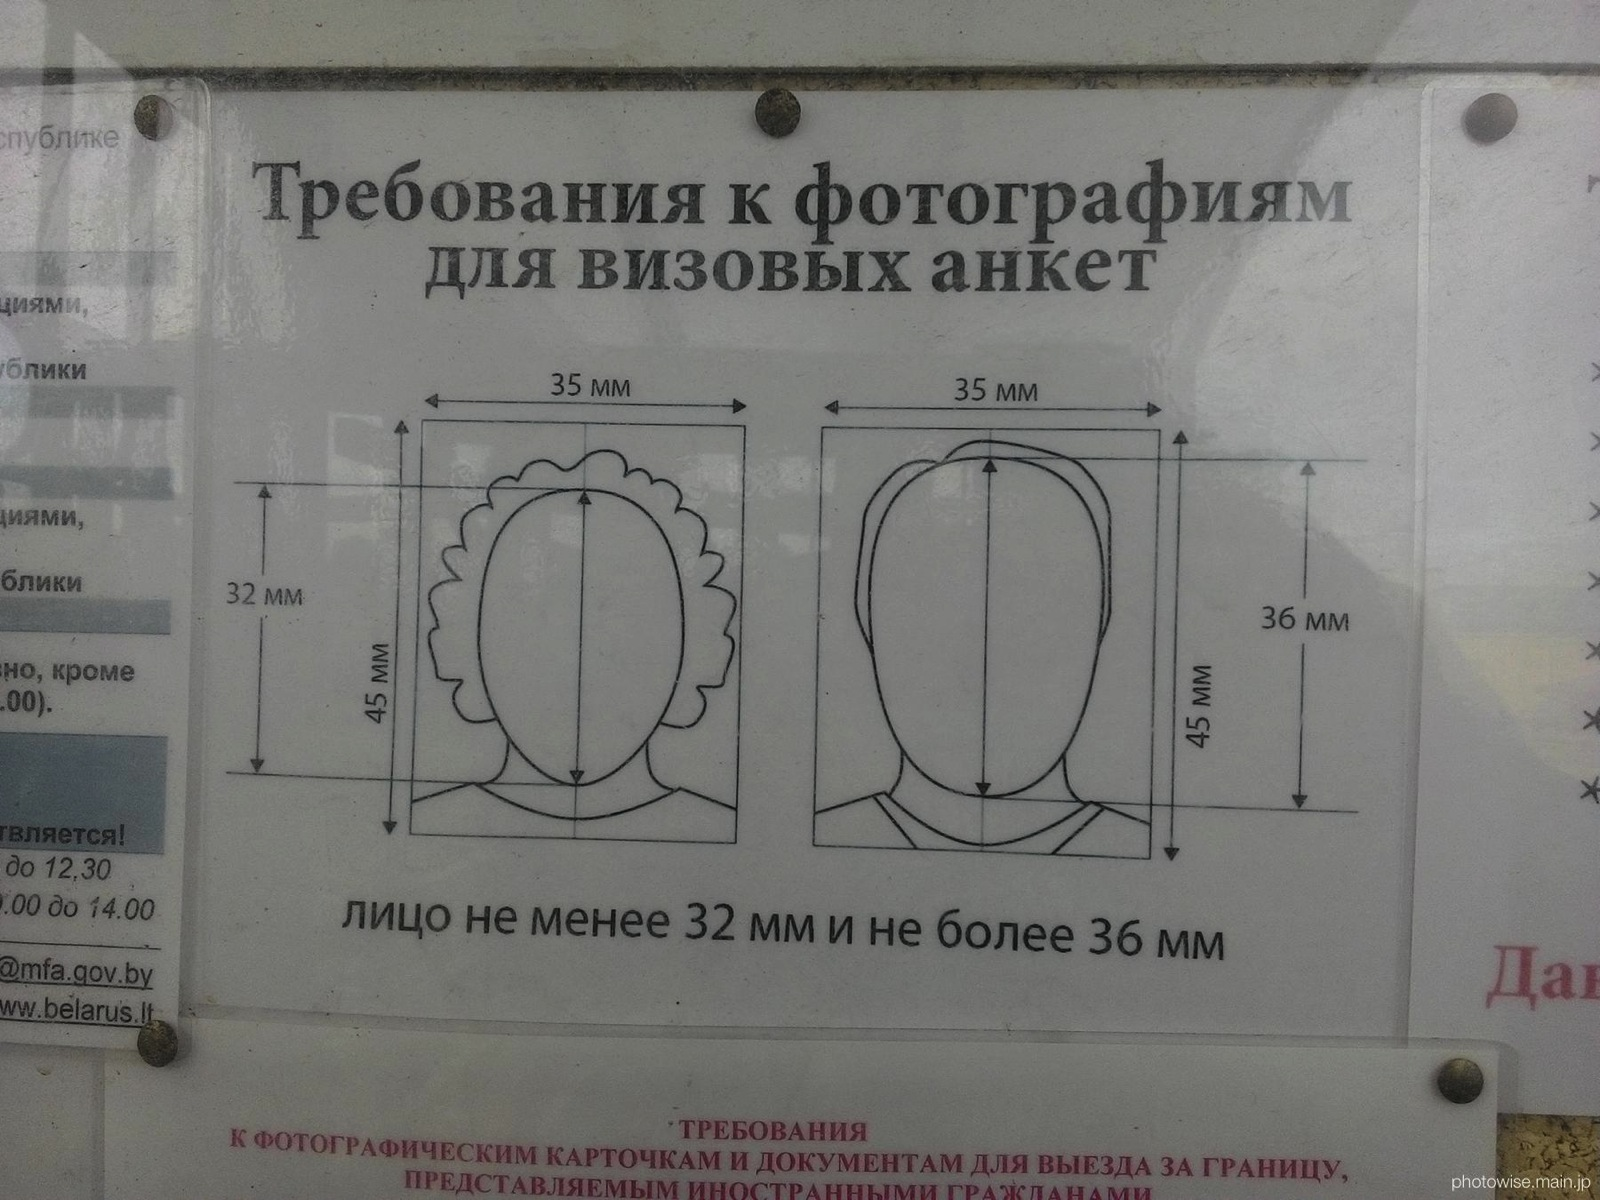 ベラルーシビザ写真サイズ